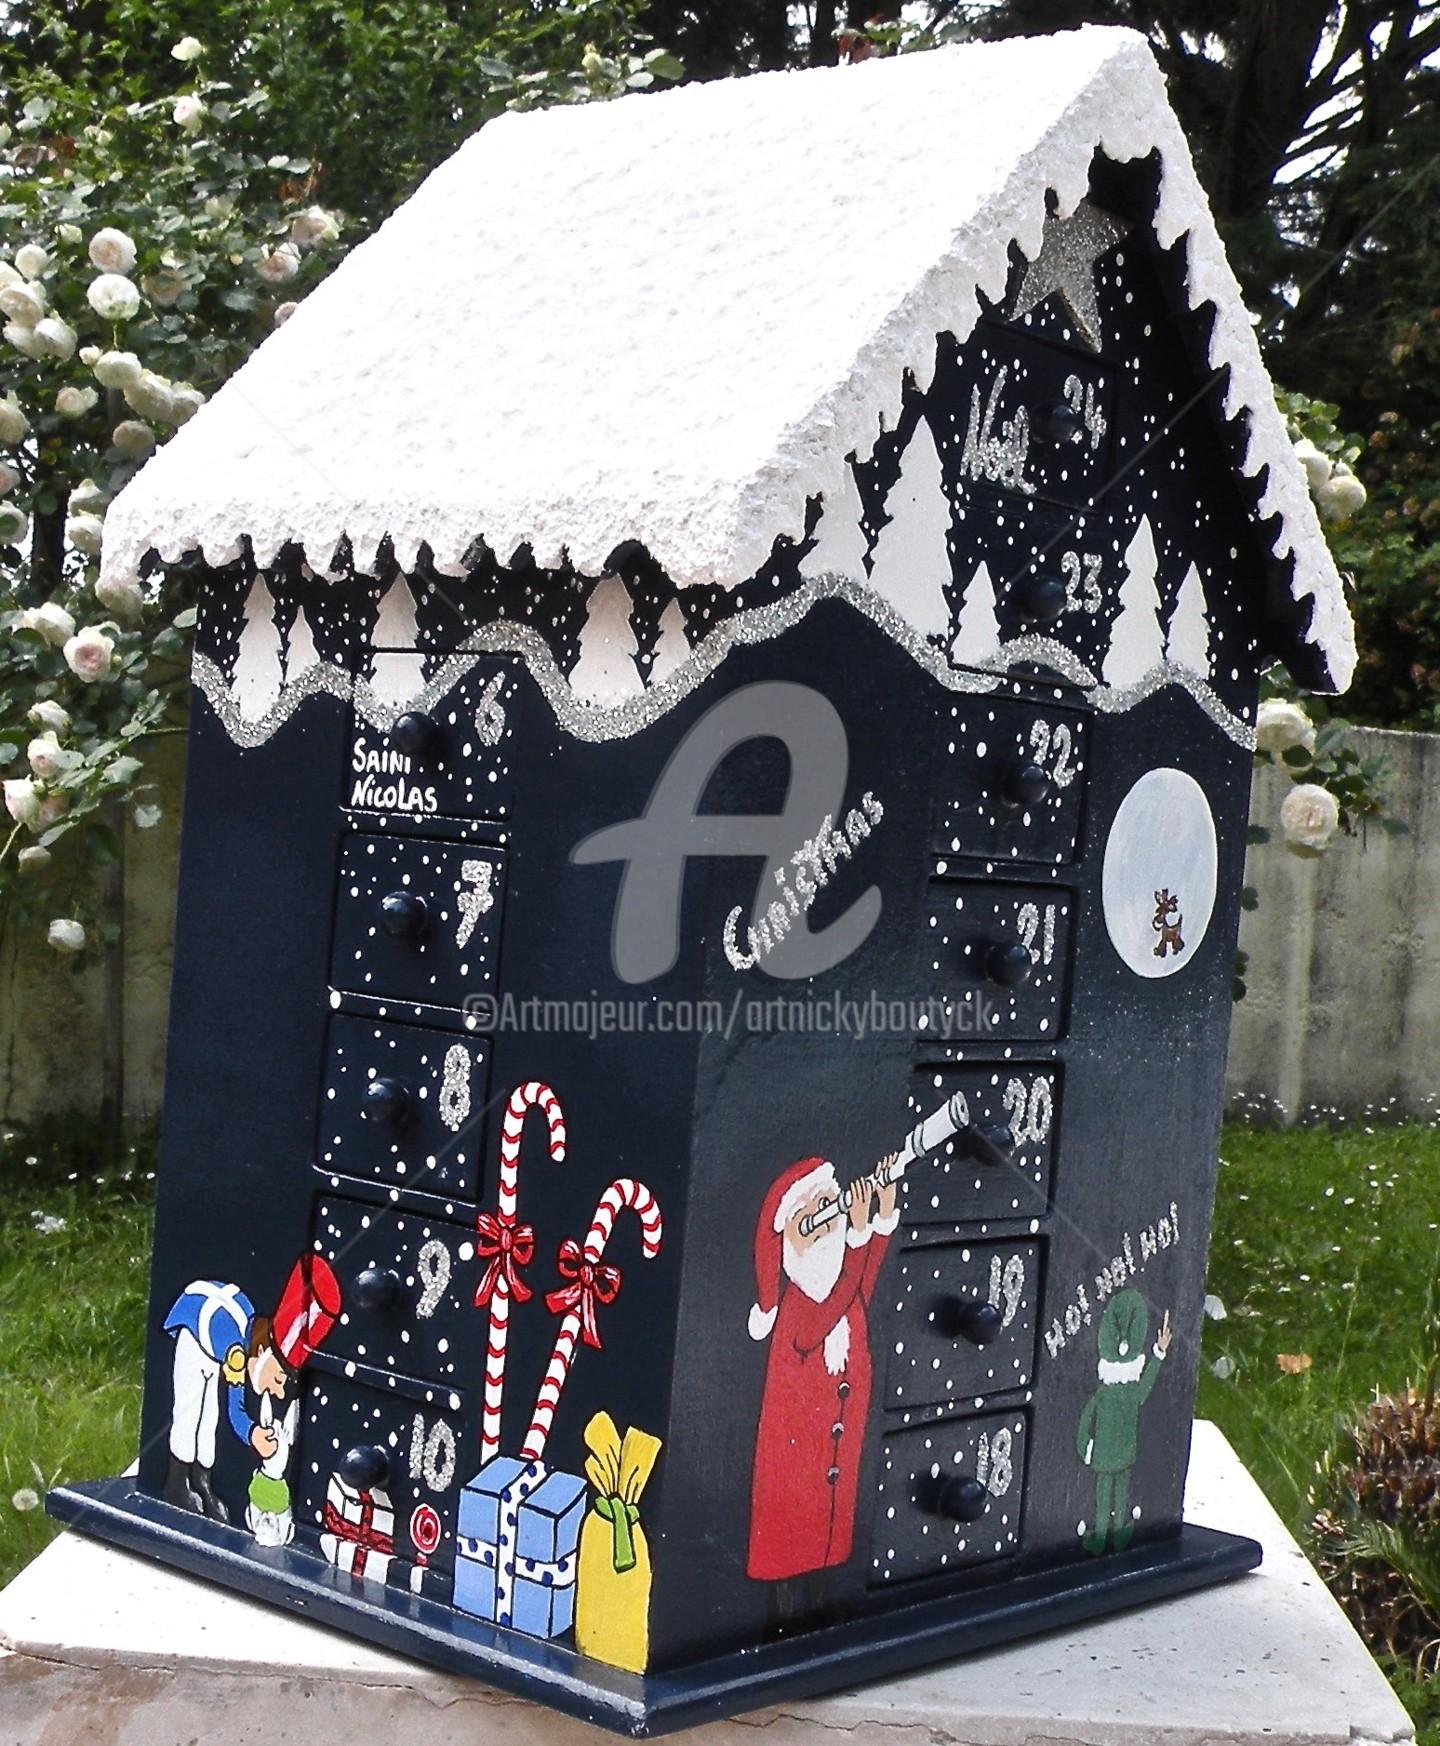 Art-Nicky - Christmas Calendrier de l'Avent 2018 -(110)